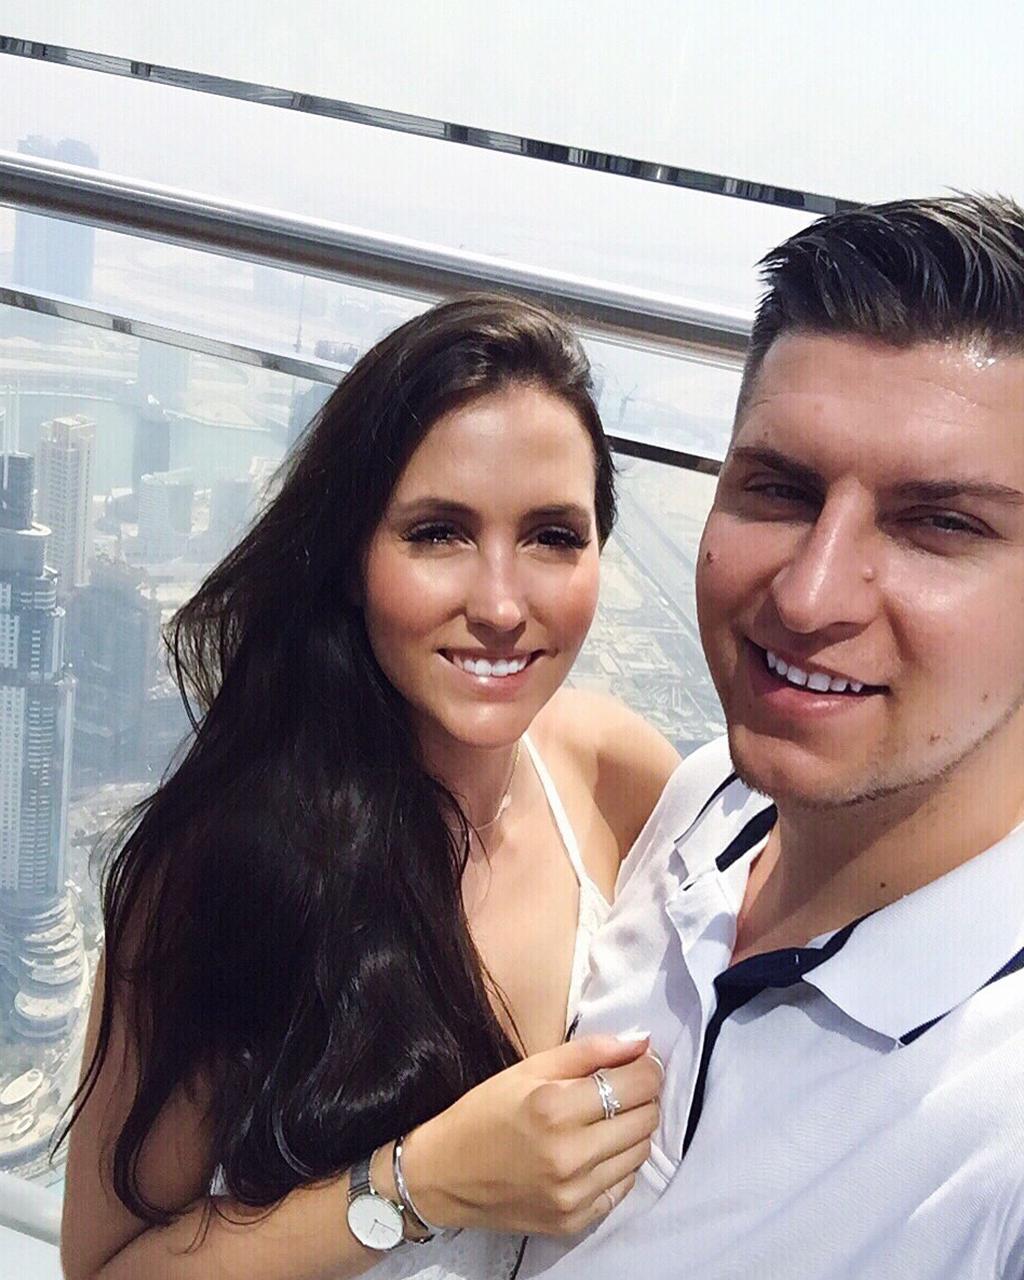 Verlobter & Verlobte - Wir sind verlobt!